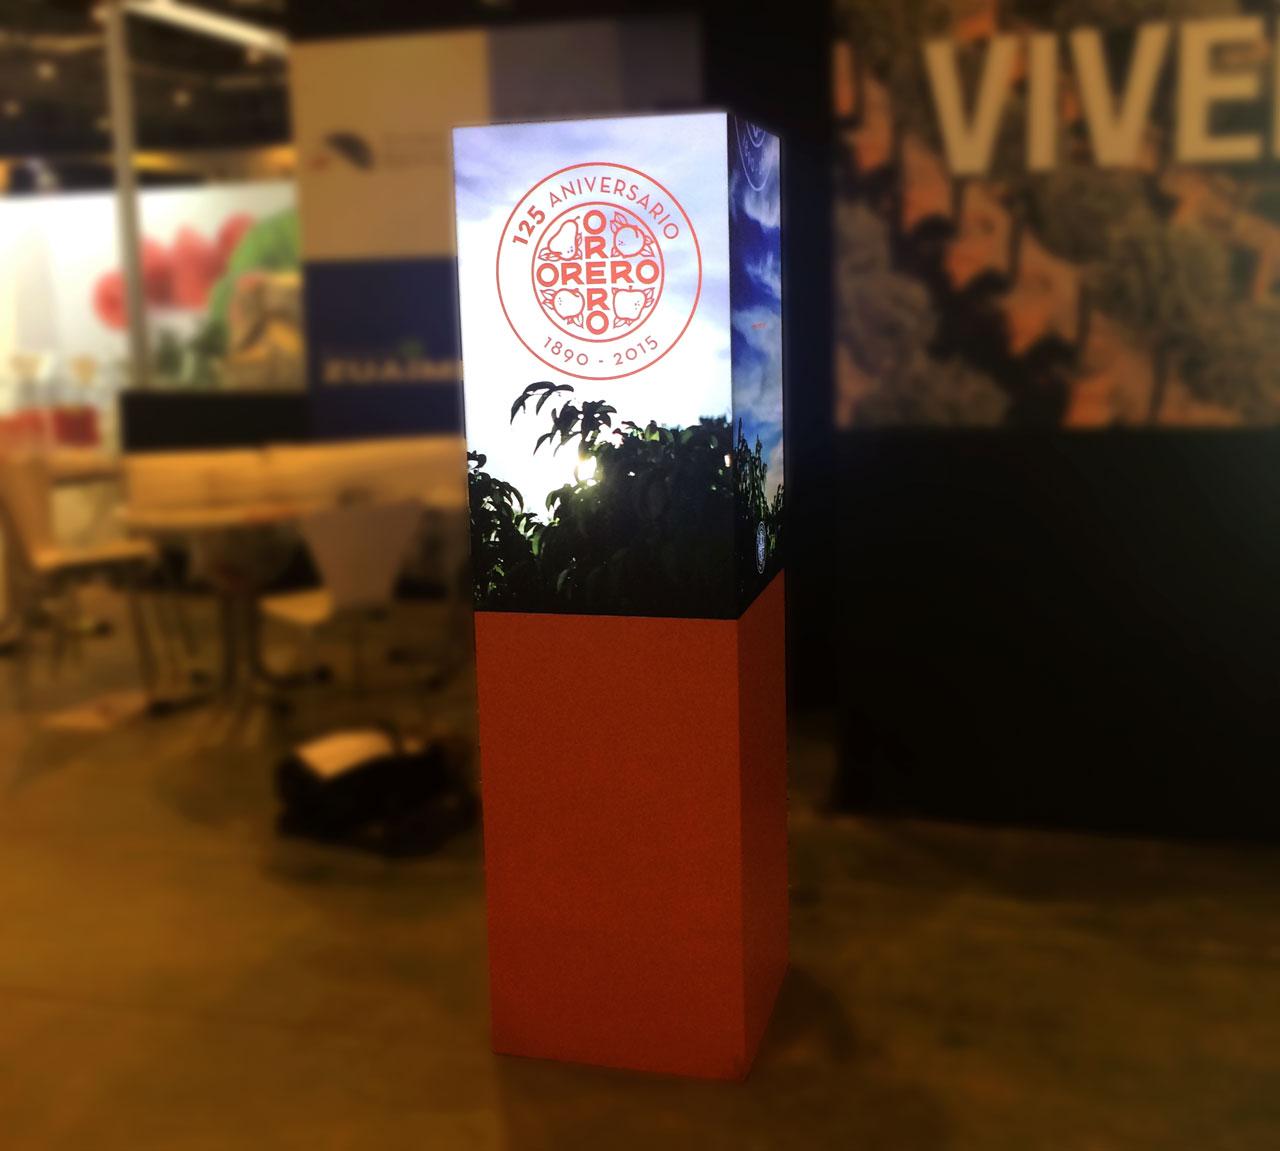 Totem retroiluminado diseñado para Viveros Orero por Momo & Cía.